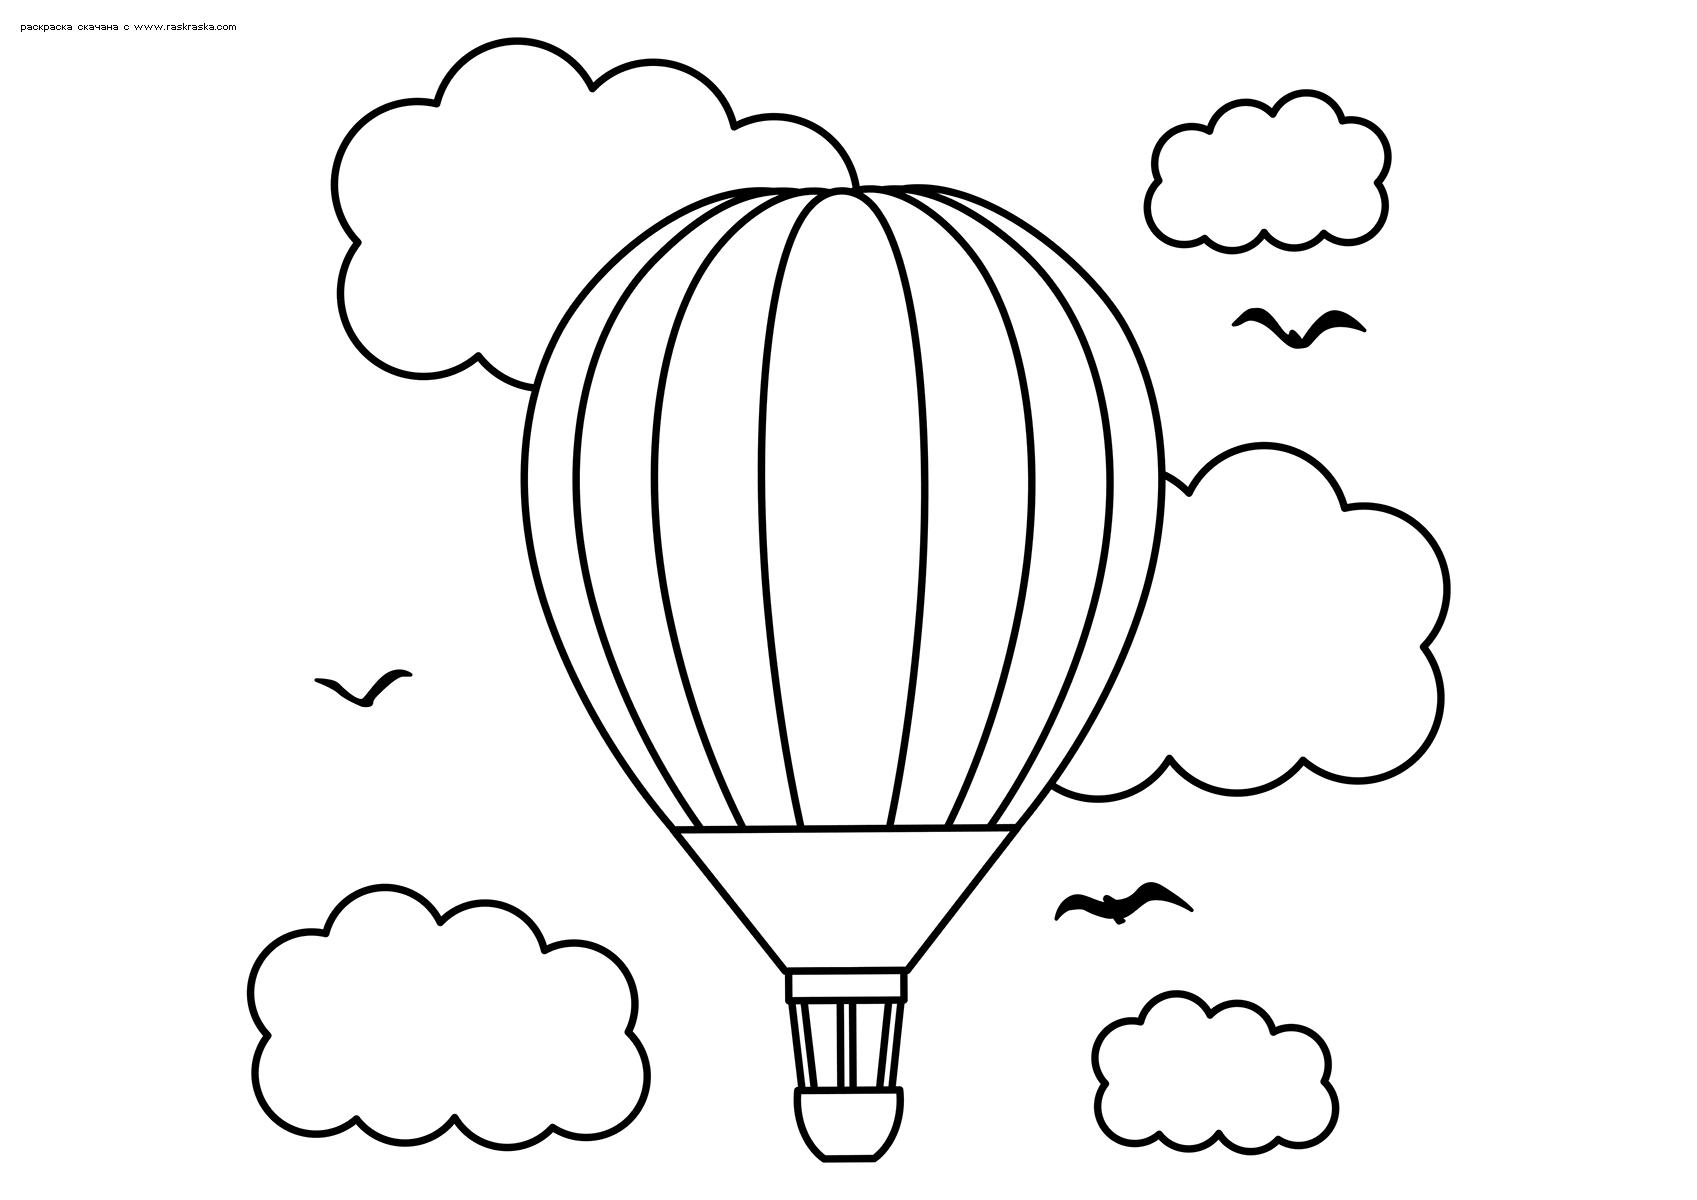 Раскраска Воздушный шар с корзиной. Раскраска воздушный шар